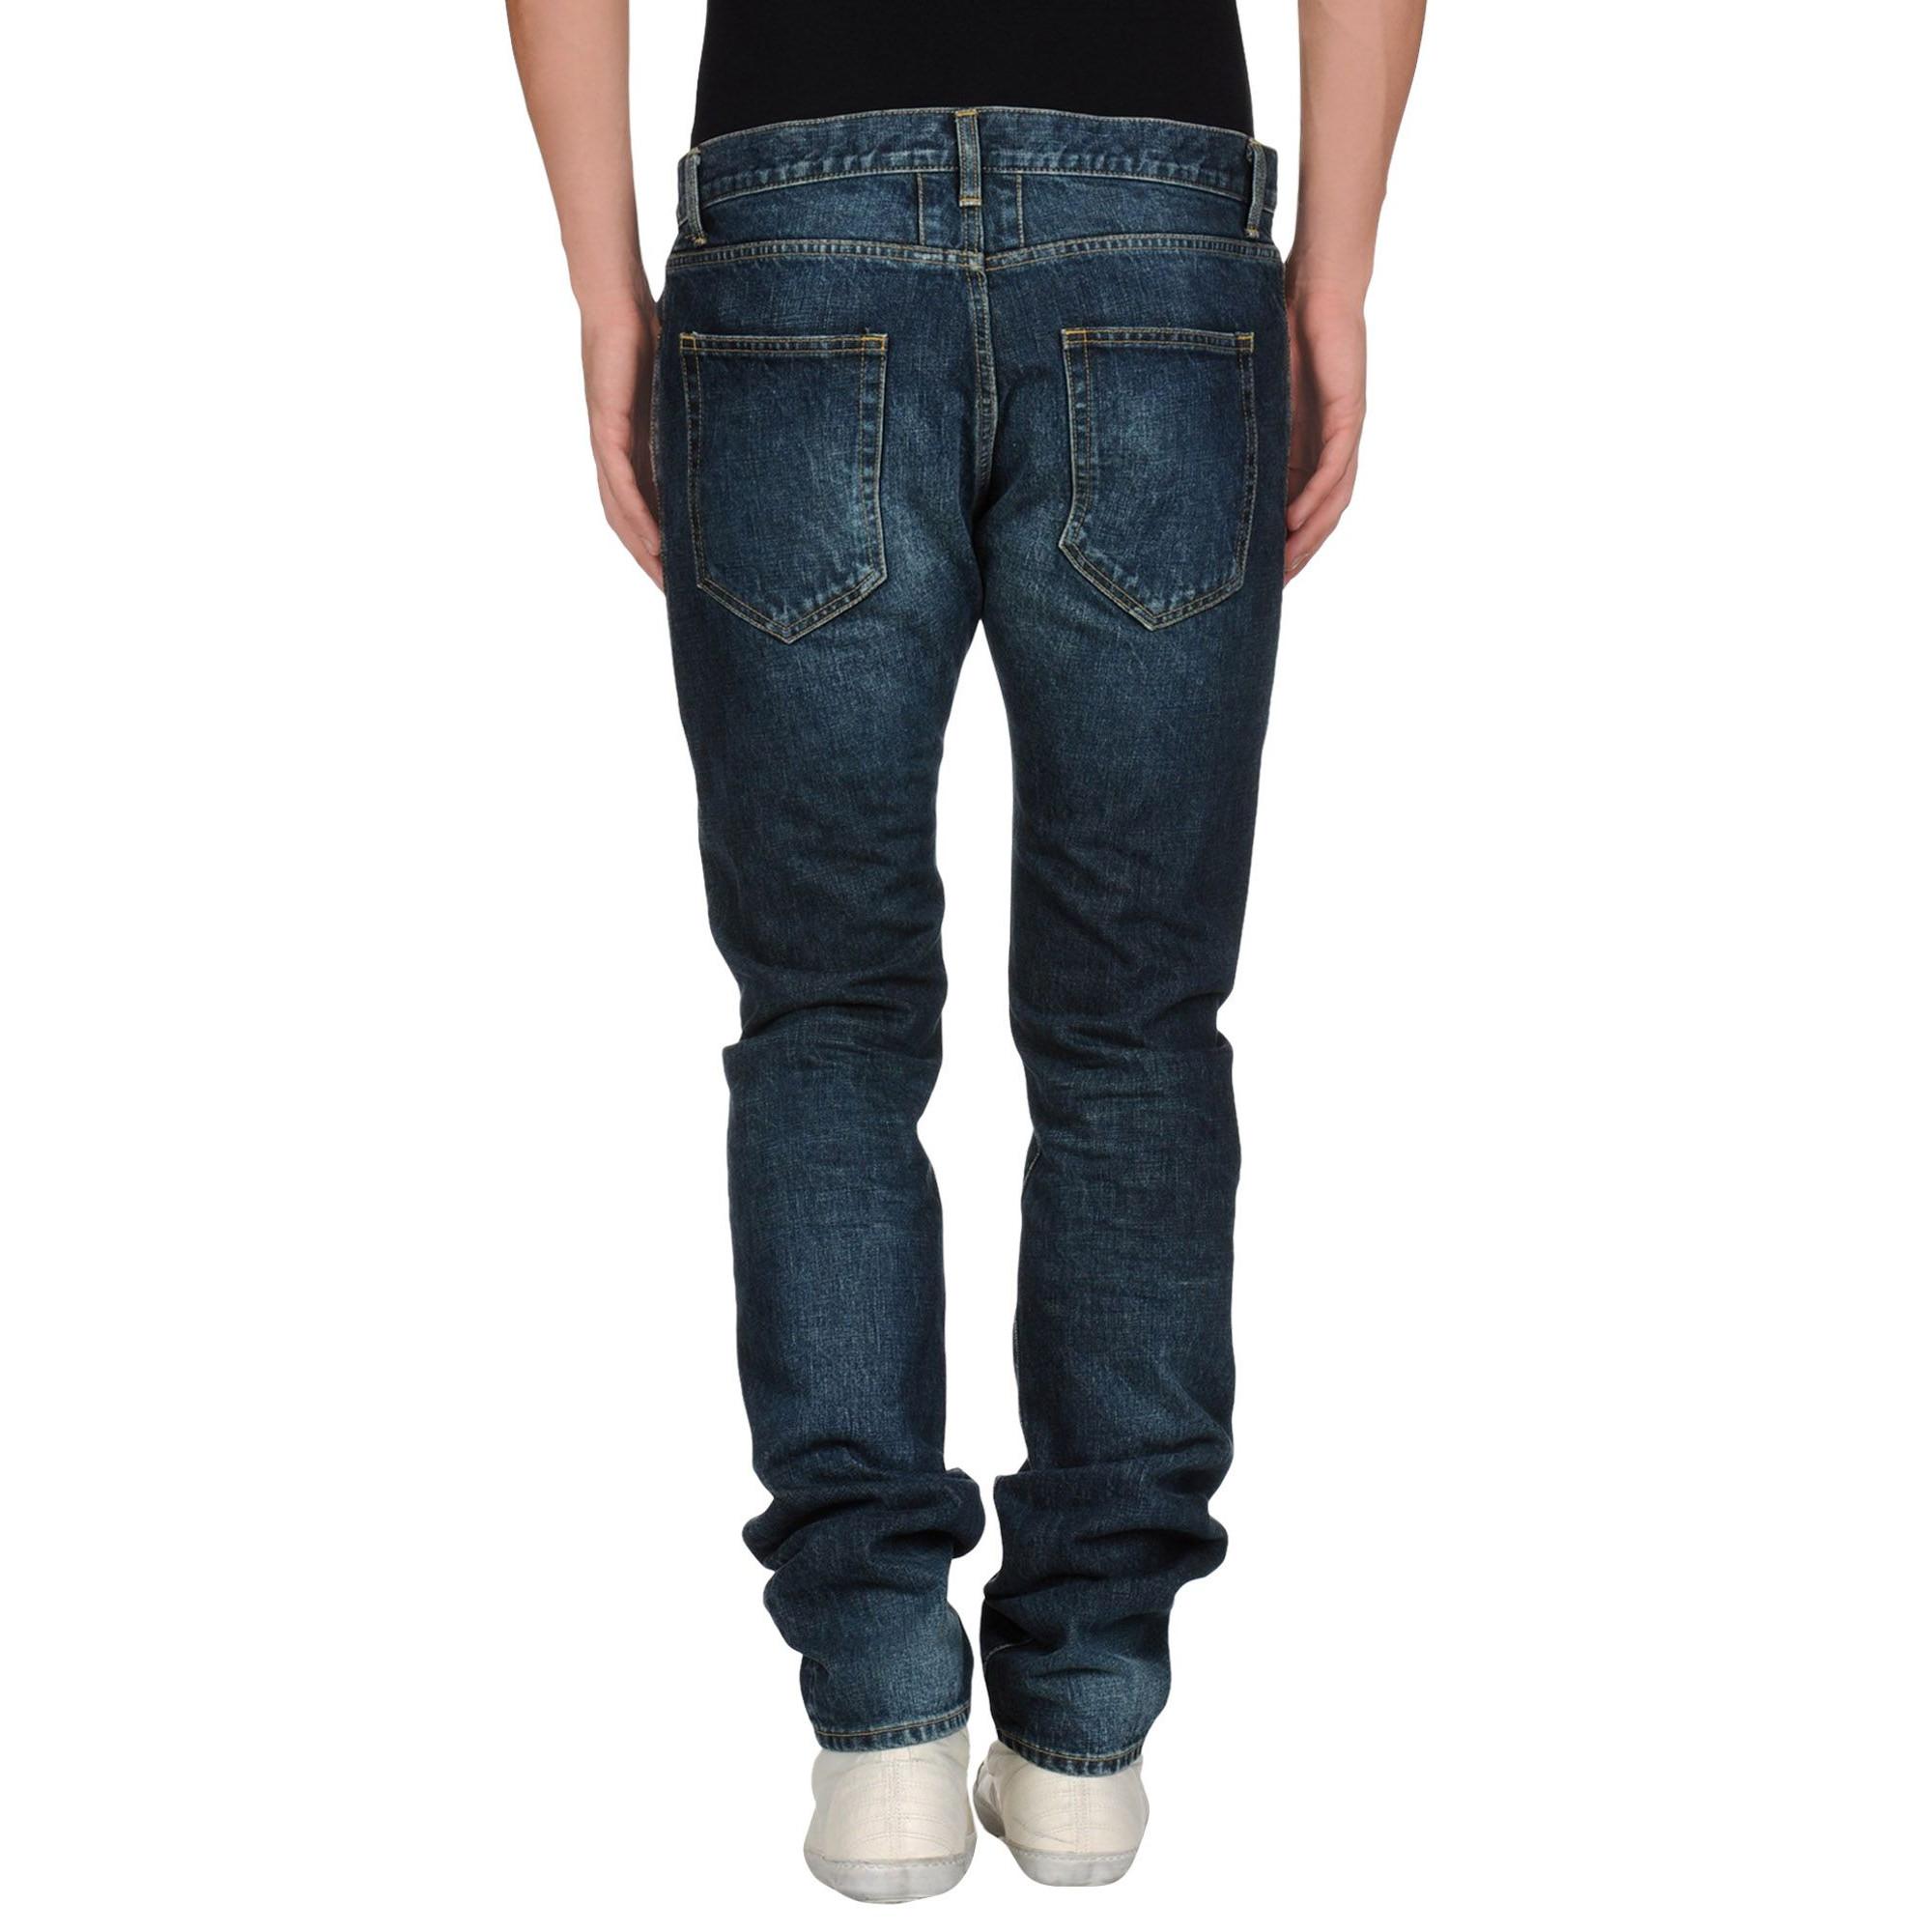 84ae96792aec Купить джинсы от YVES SAINT LAURENT — в Киеве, код товара 12162